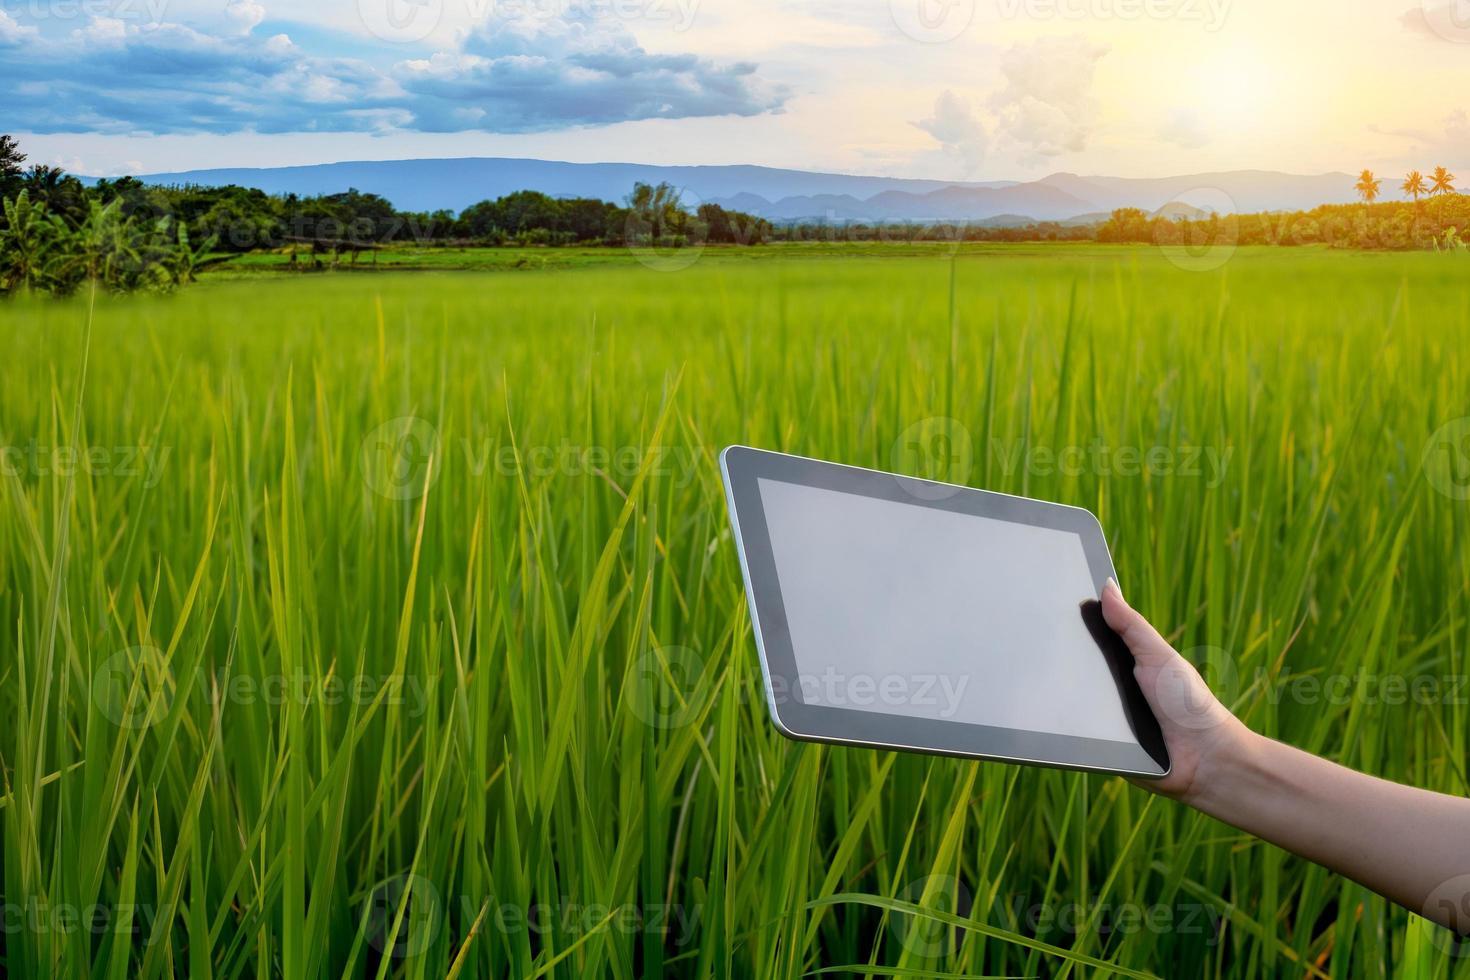 mulher agricultora segurando o tablet enquanto em mudas de arroz verde em um campo de arroz com lindo céu e nuvens foto